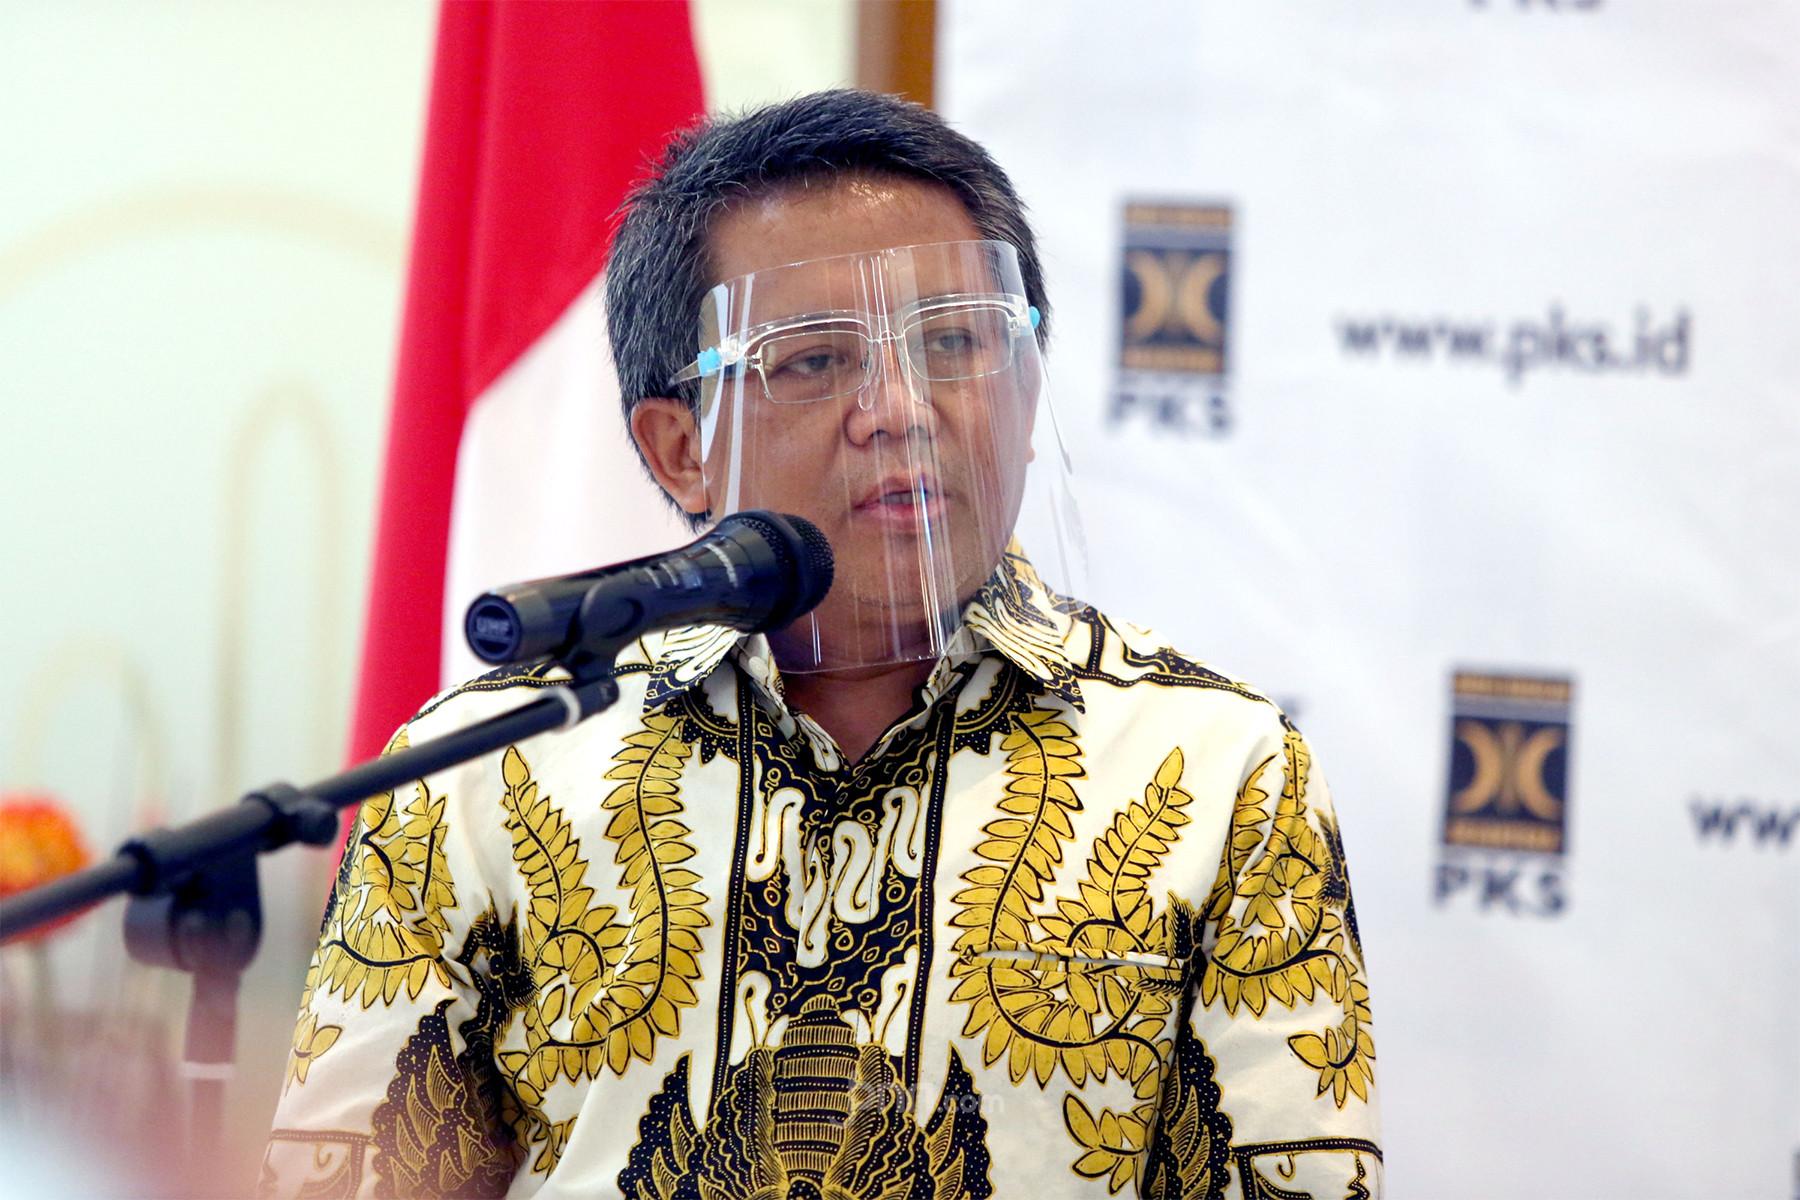 Presiden PKS Sedih Mendengar Mahfud MD dan Jokowi Tak Bisa Berbuat Apa-apa - JPNN.com